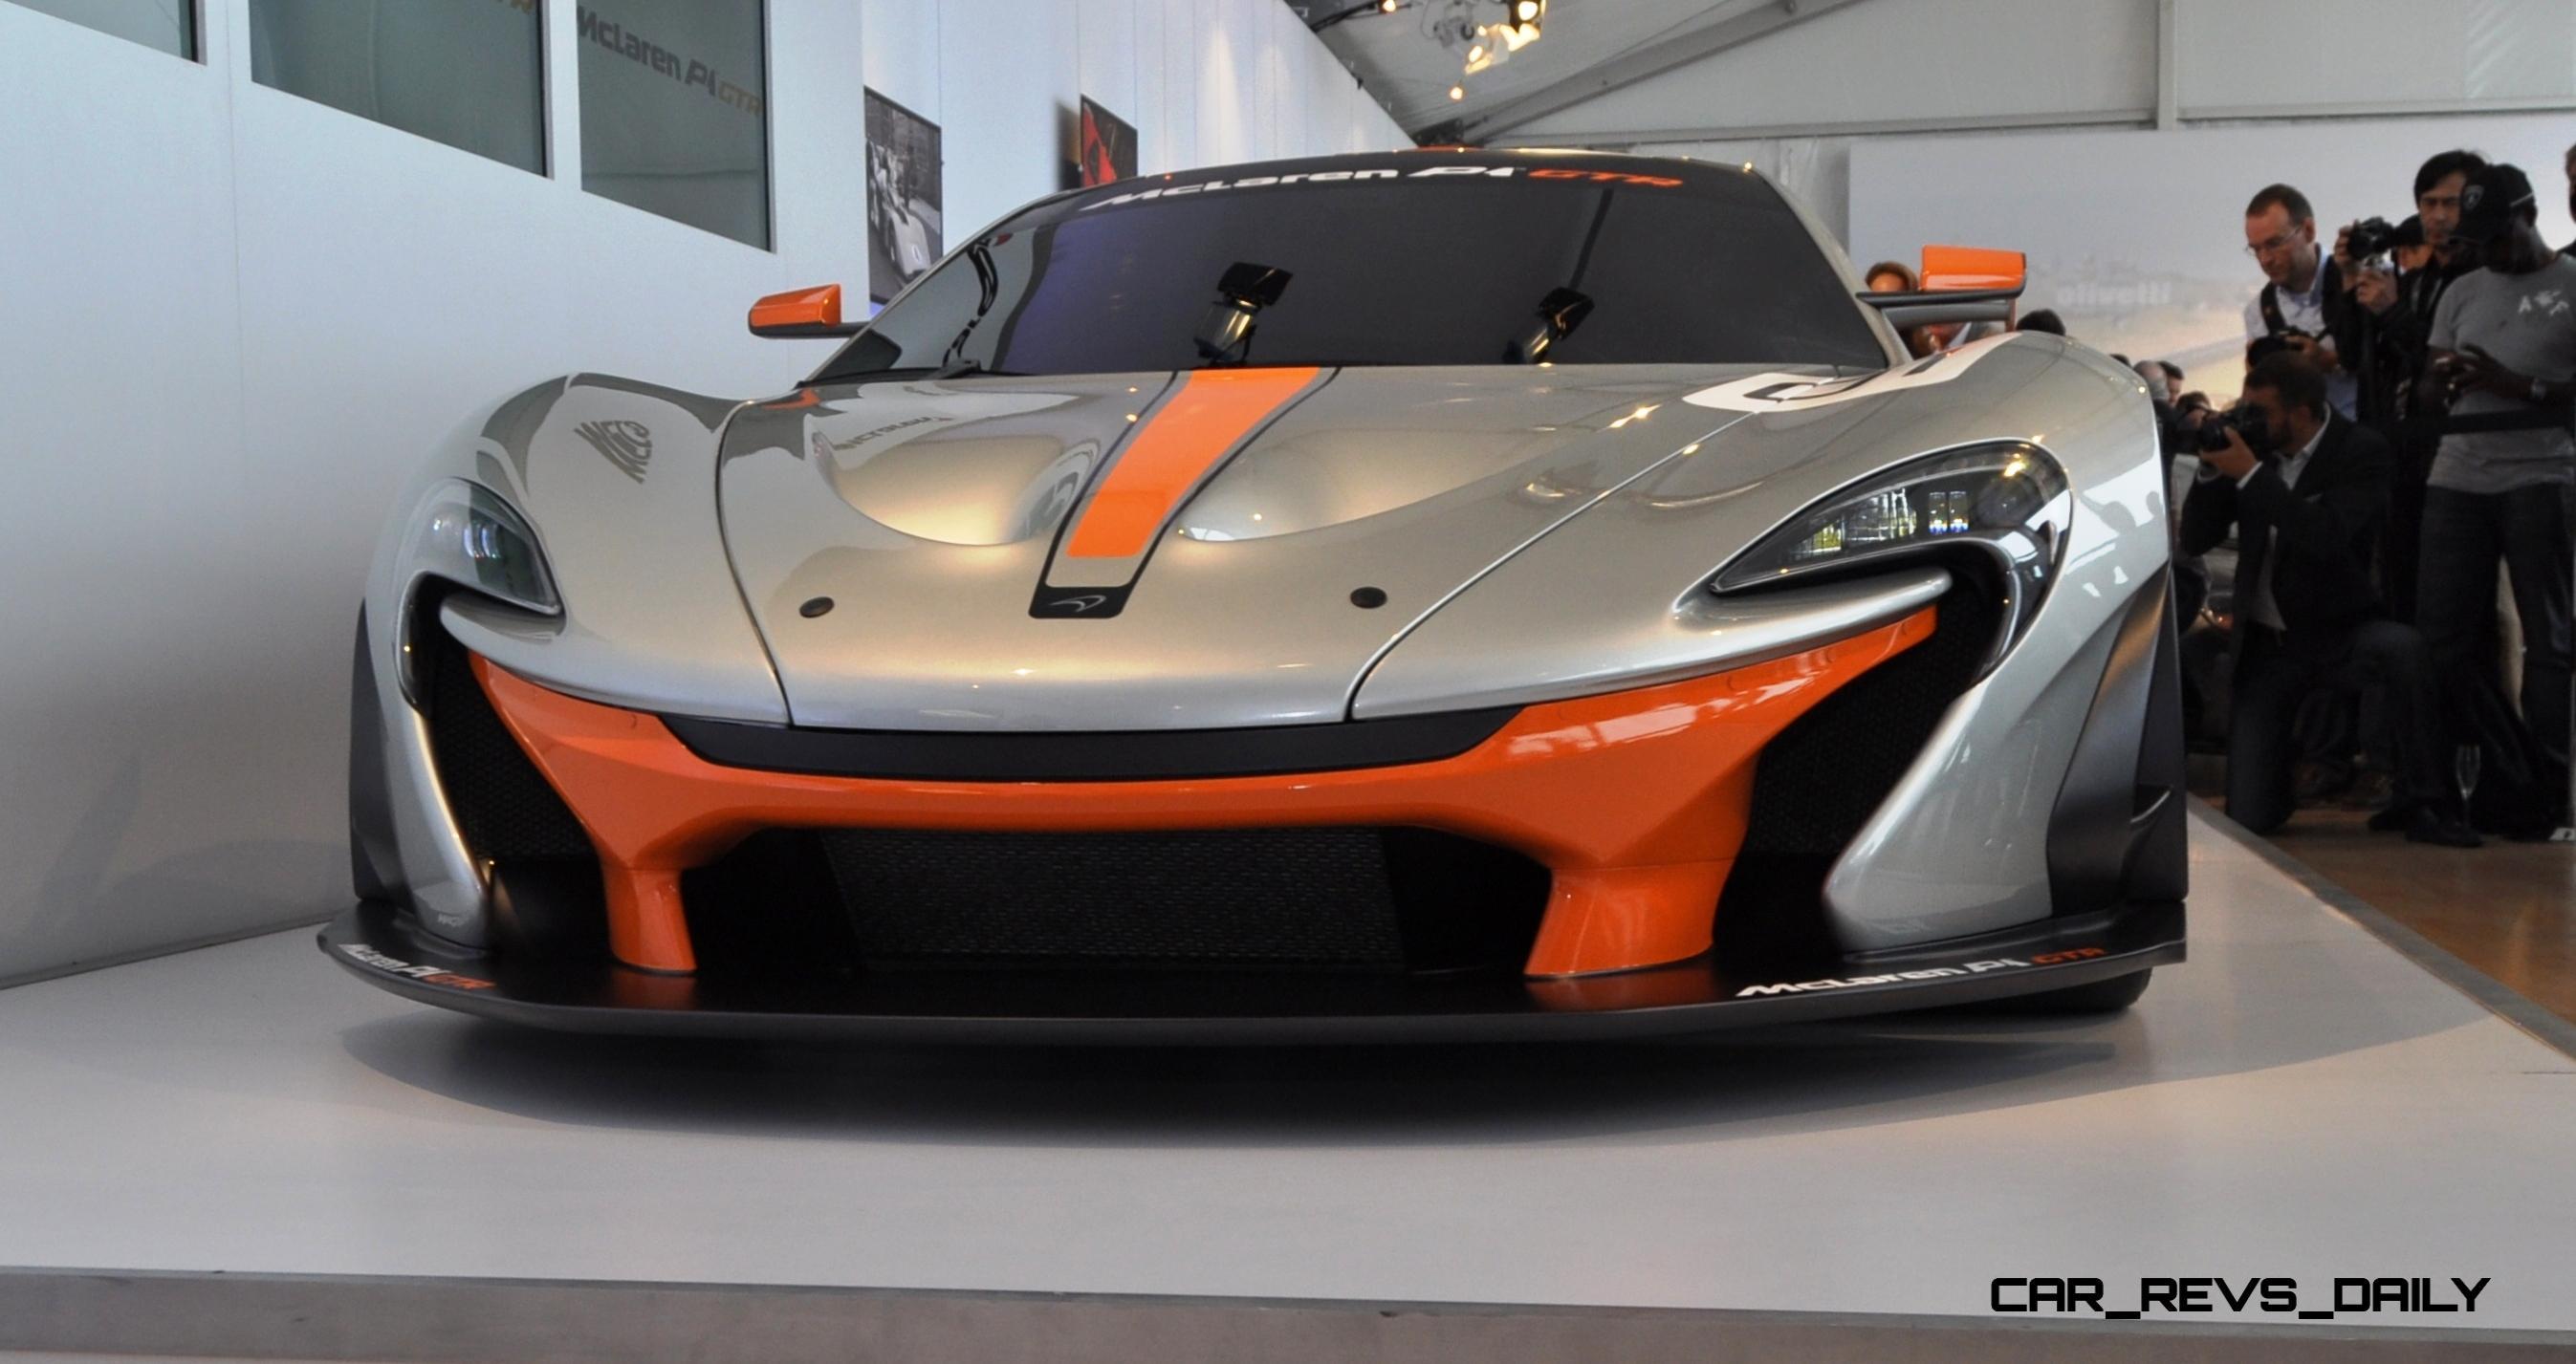 2015 McLaren P1 GTR - Pebble Beach World Debut in 55 High-Res Photos 17